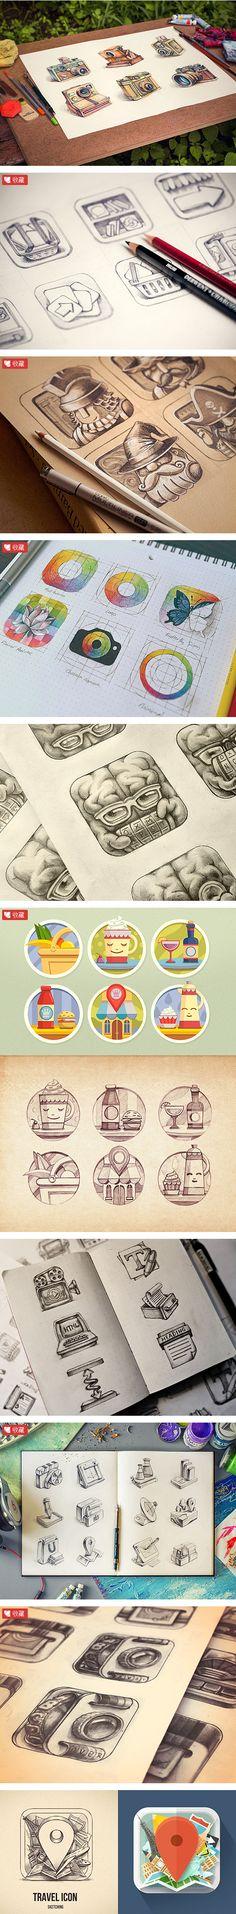 漂亮的手绘图标欣赏 - 素材中国16素材...